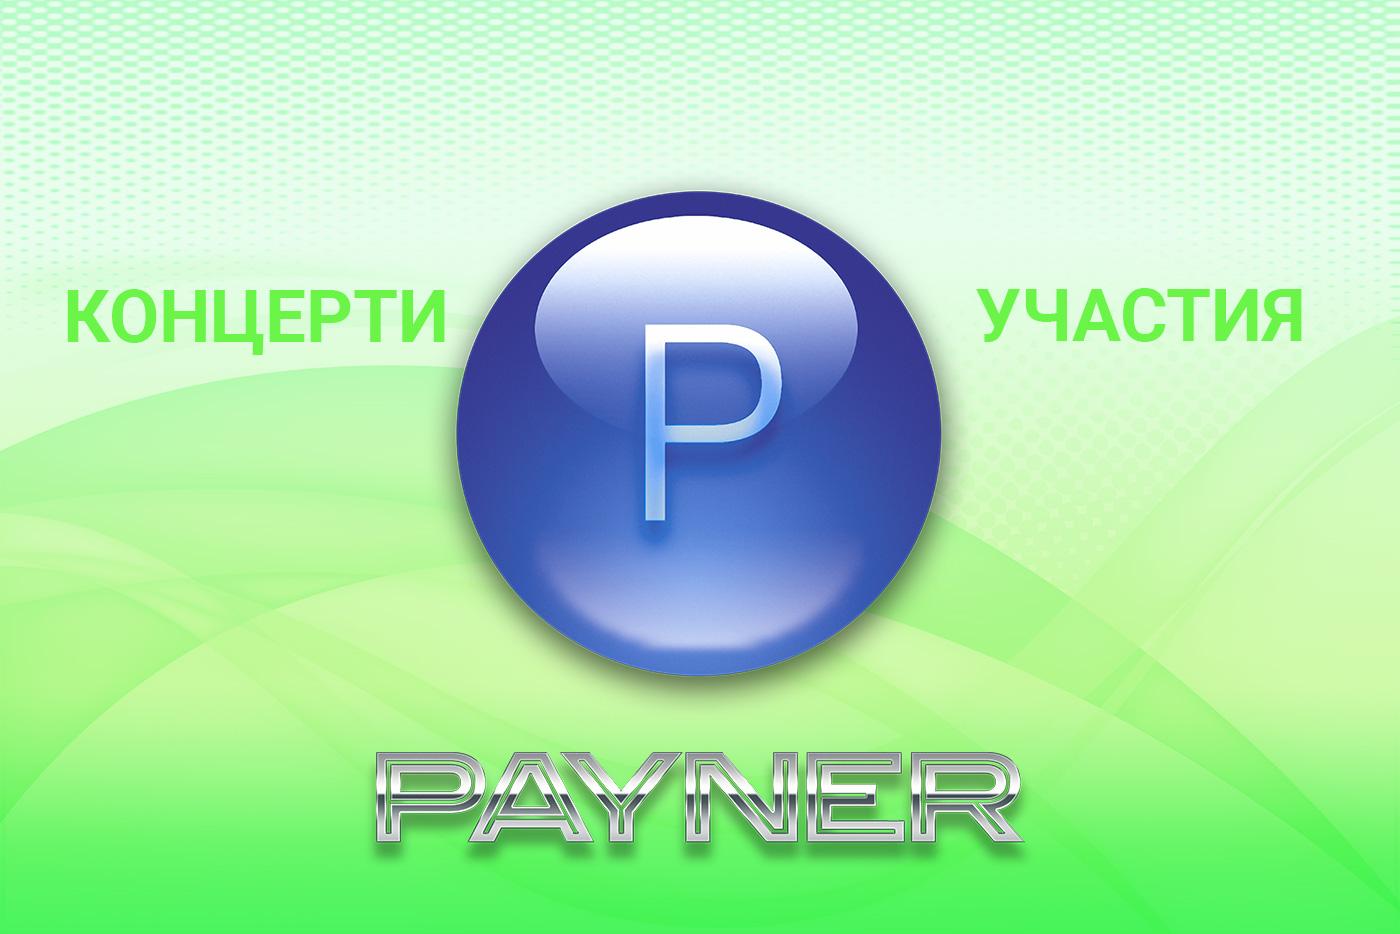 """Участия на звездите на """"Пайнер"""" на 16.05.2019"""